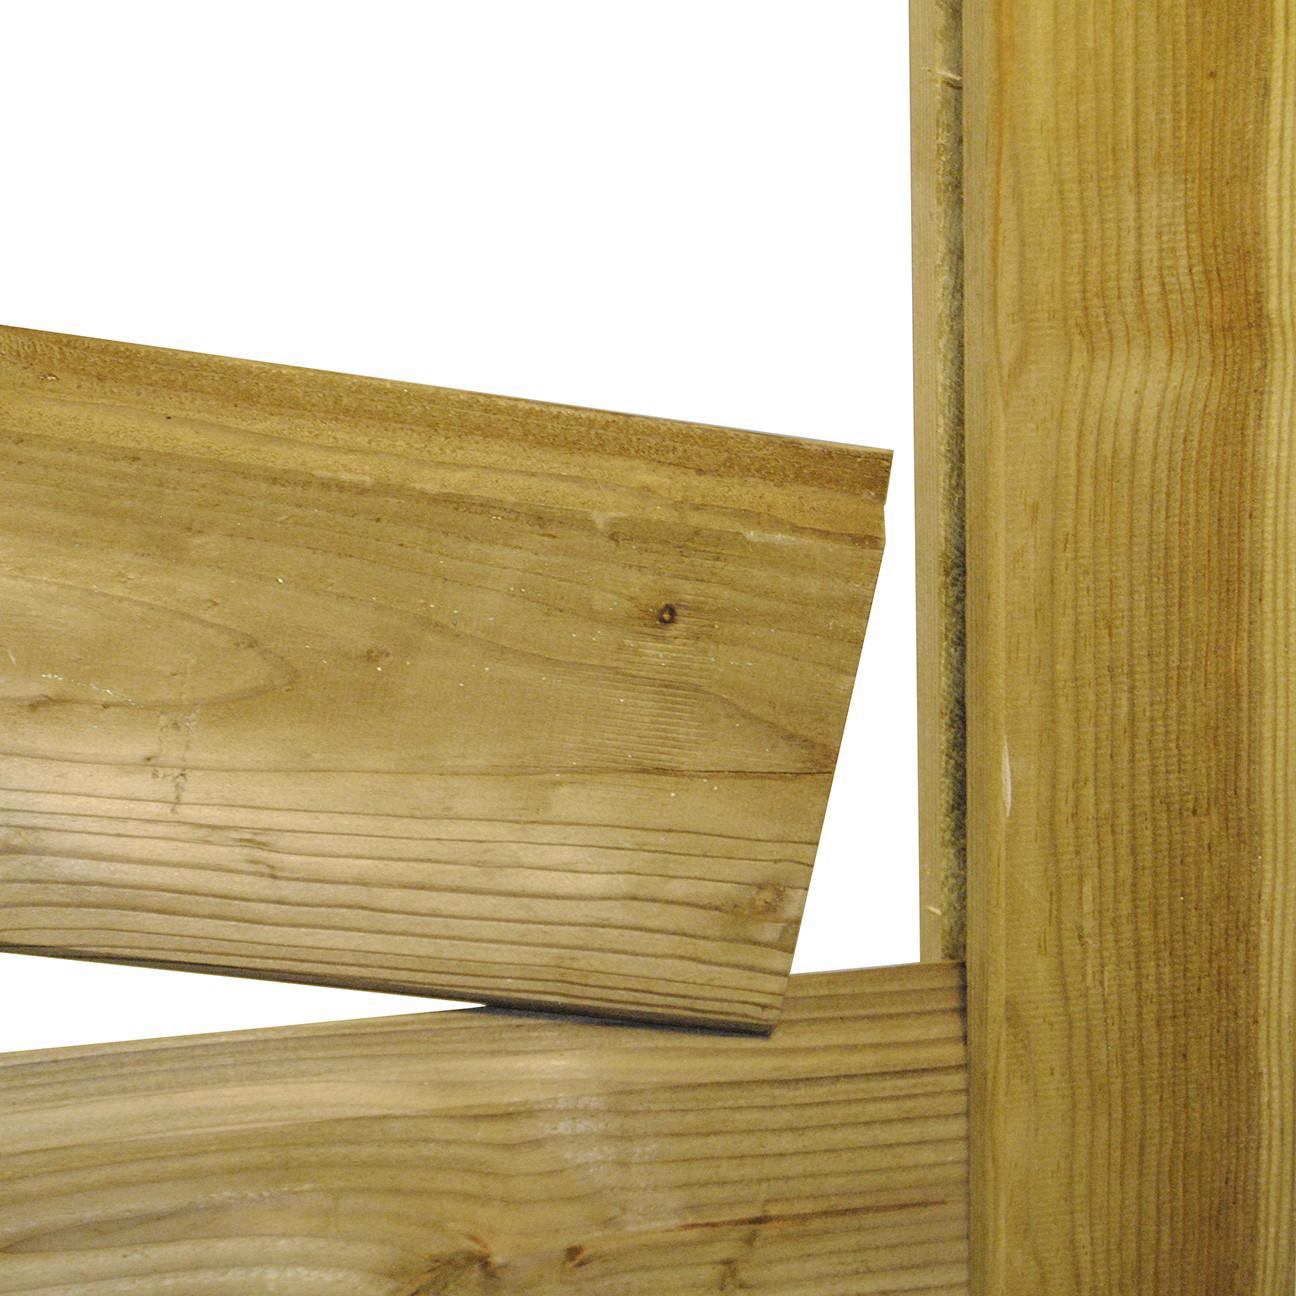 Lames De Bardage Bois Pas Cher lame de clôture bois autoclave 1,95 m